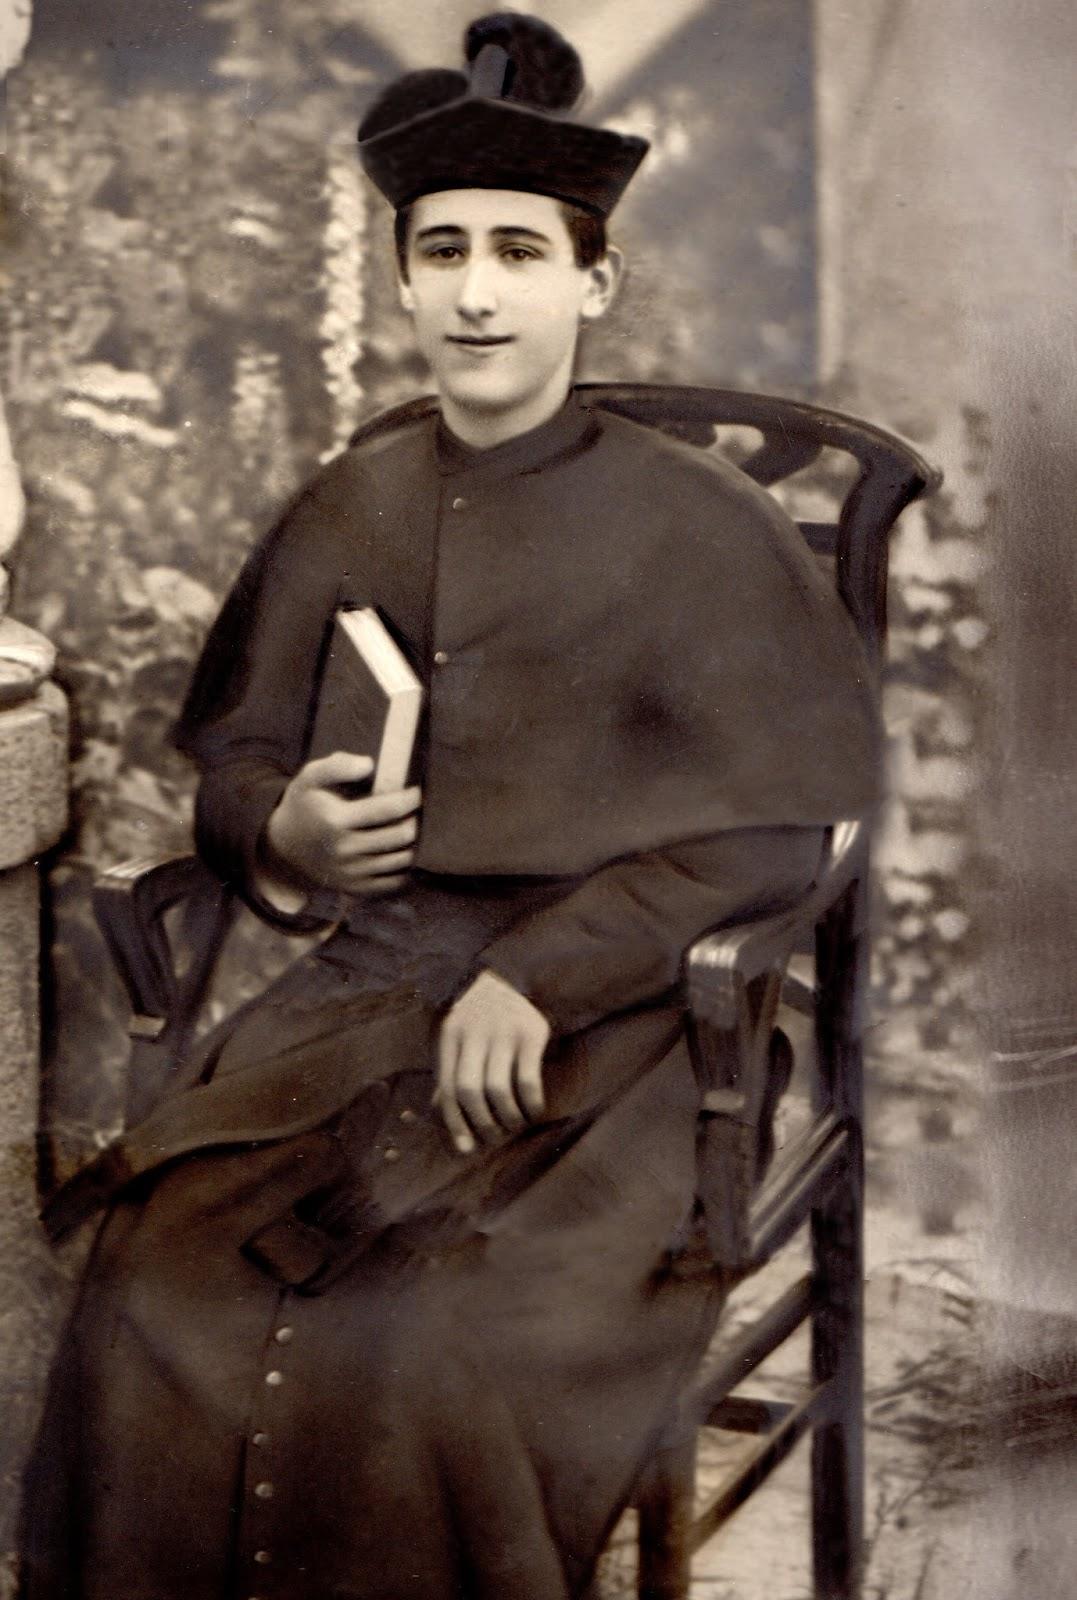 Antonio Lasa